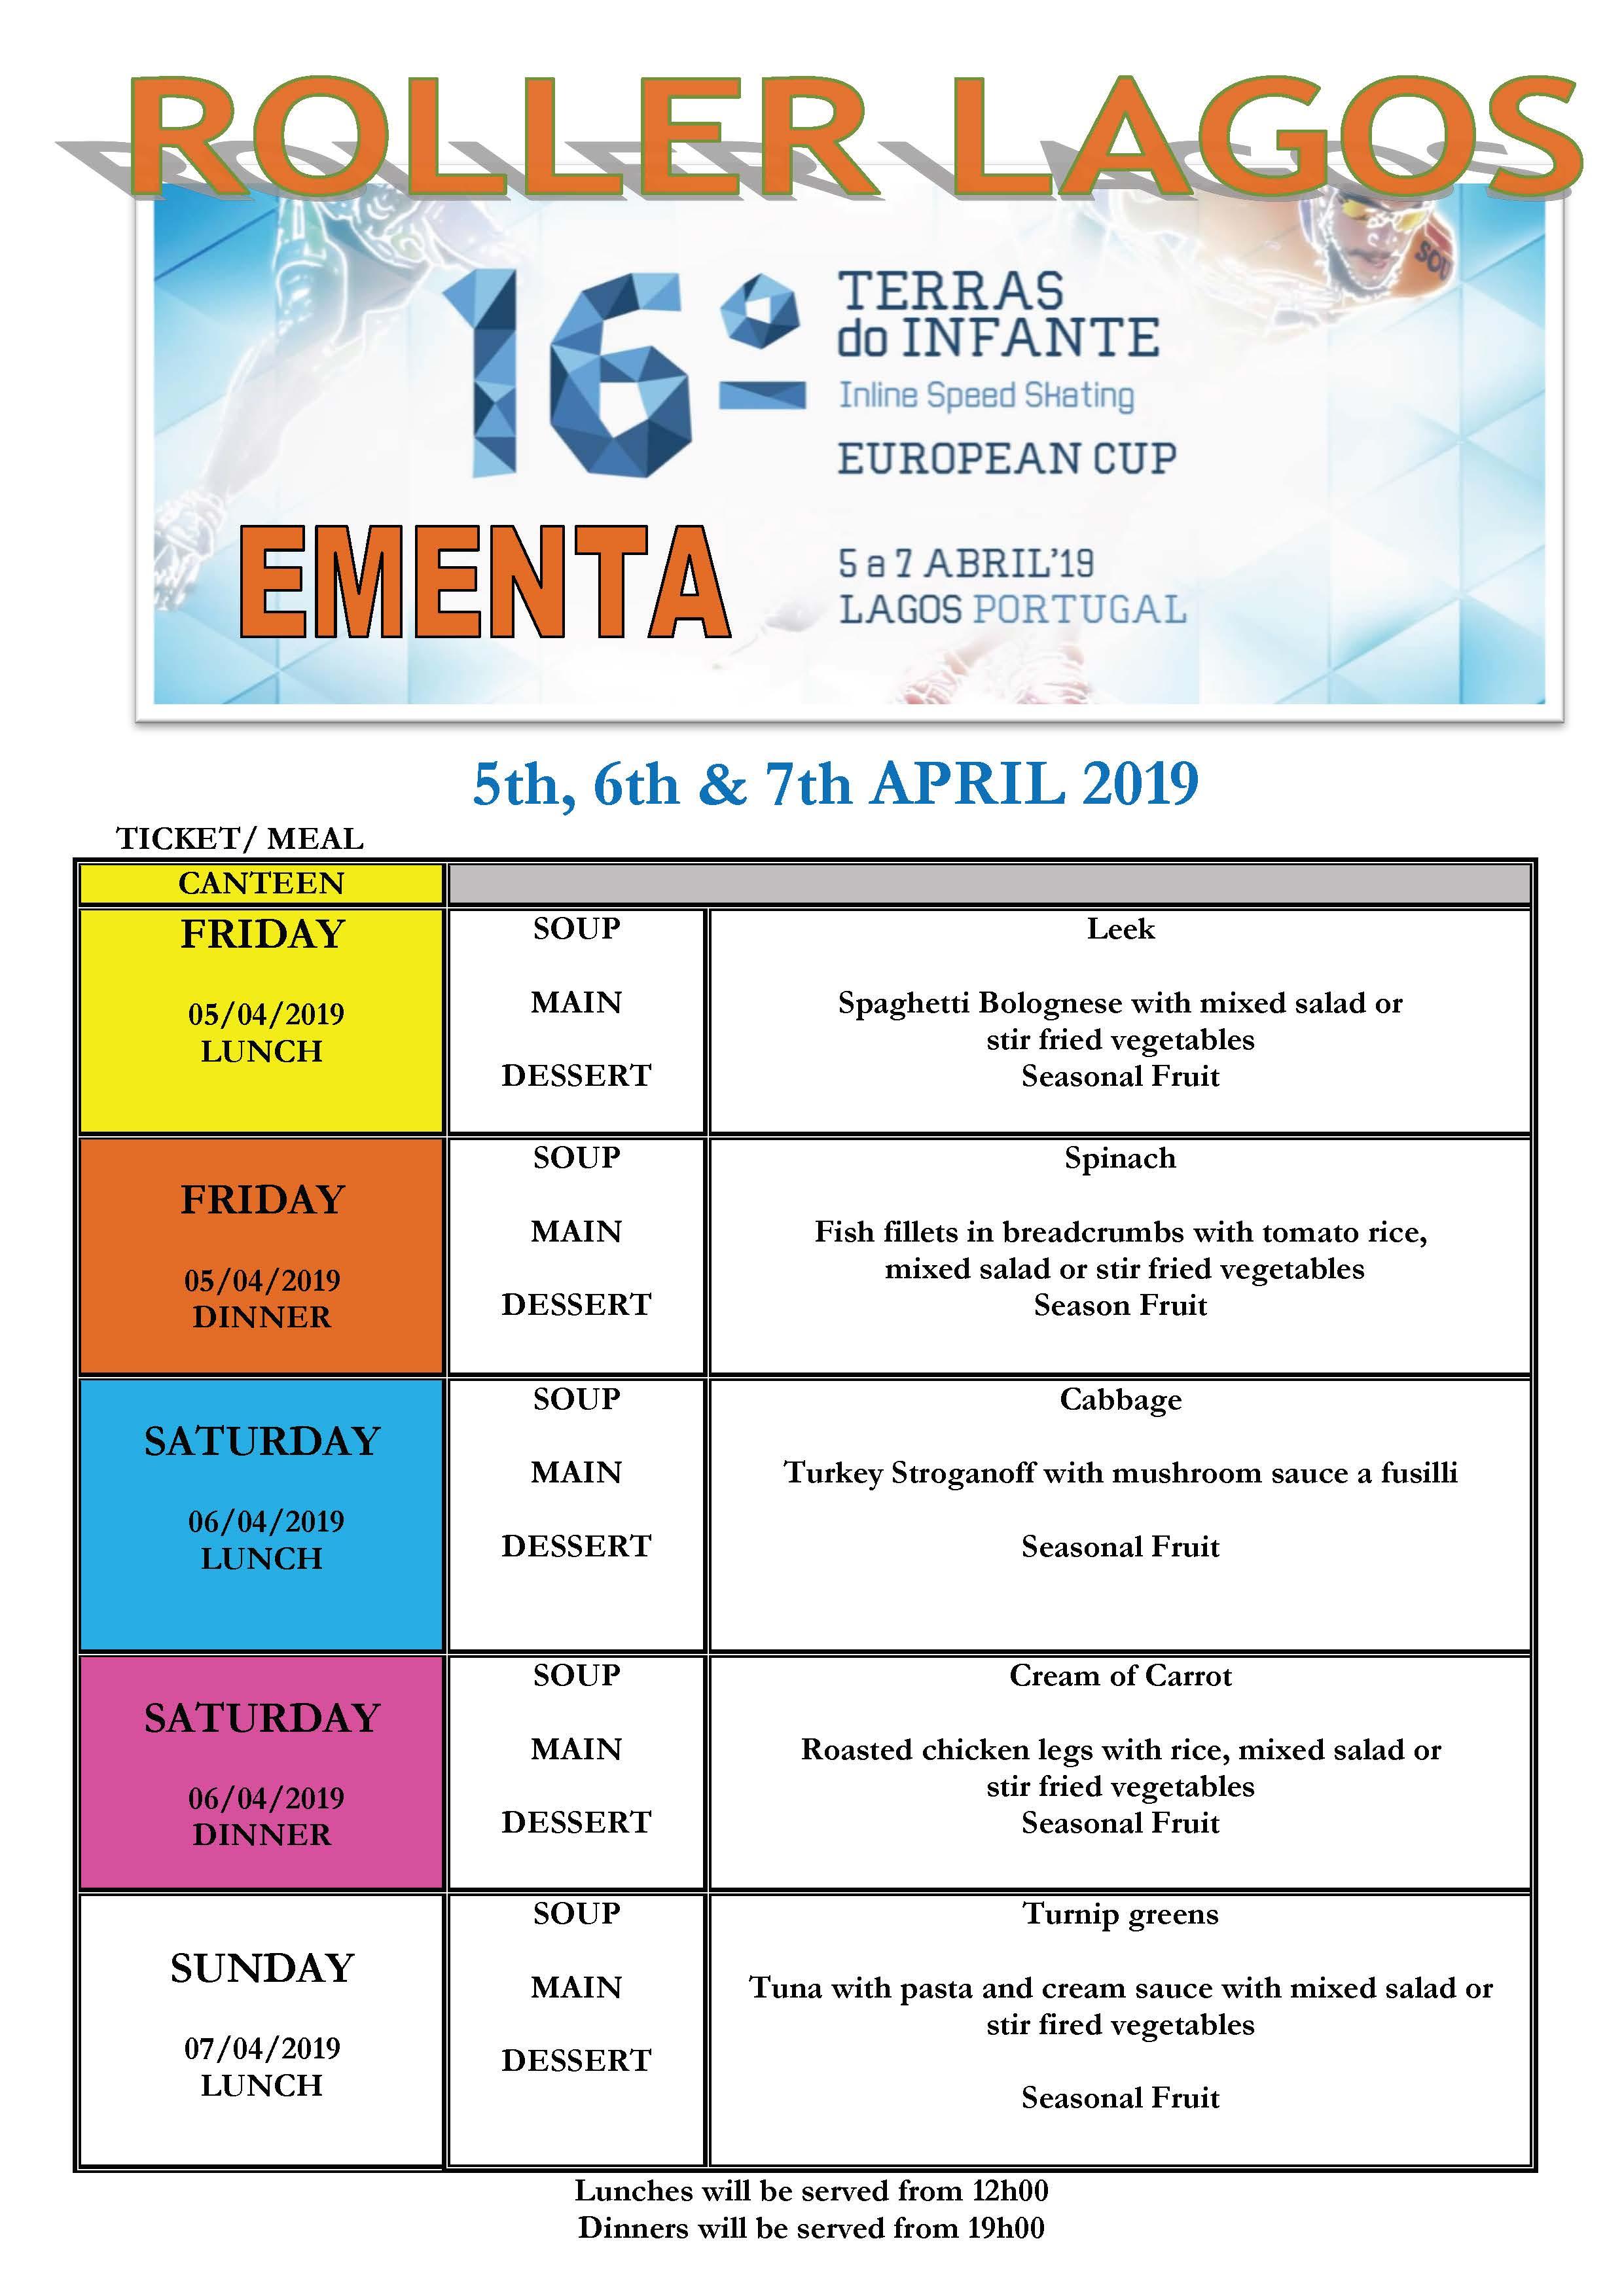 menu for the days of the terras do infante tournament Menu for the days of the Terras do Infante Tournament EMENTA TORNEIO TERRAS DO INFANTE 2019 english